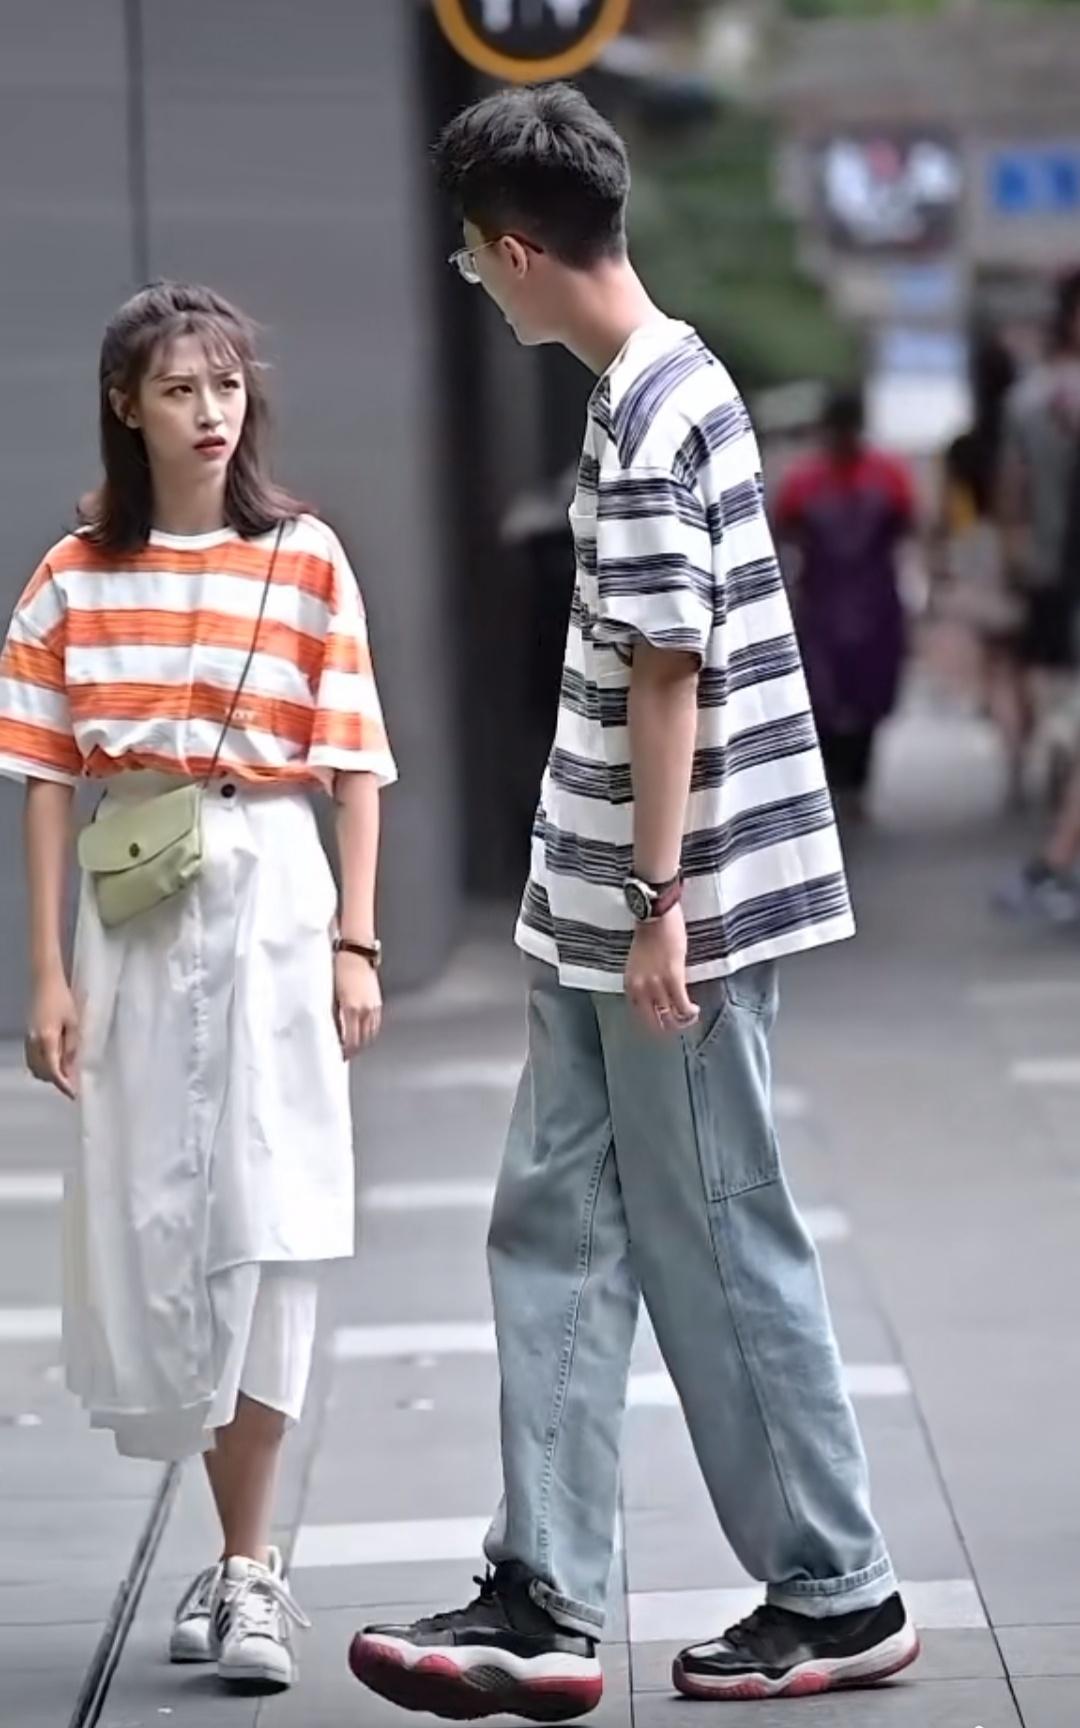 女生比男友矮了一个头,为何腿和他一样长?看到上衣穿搭秒懂!